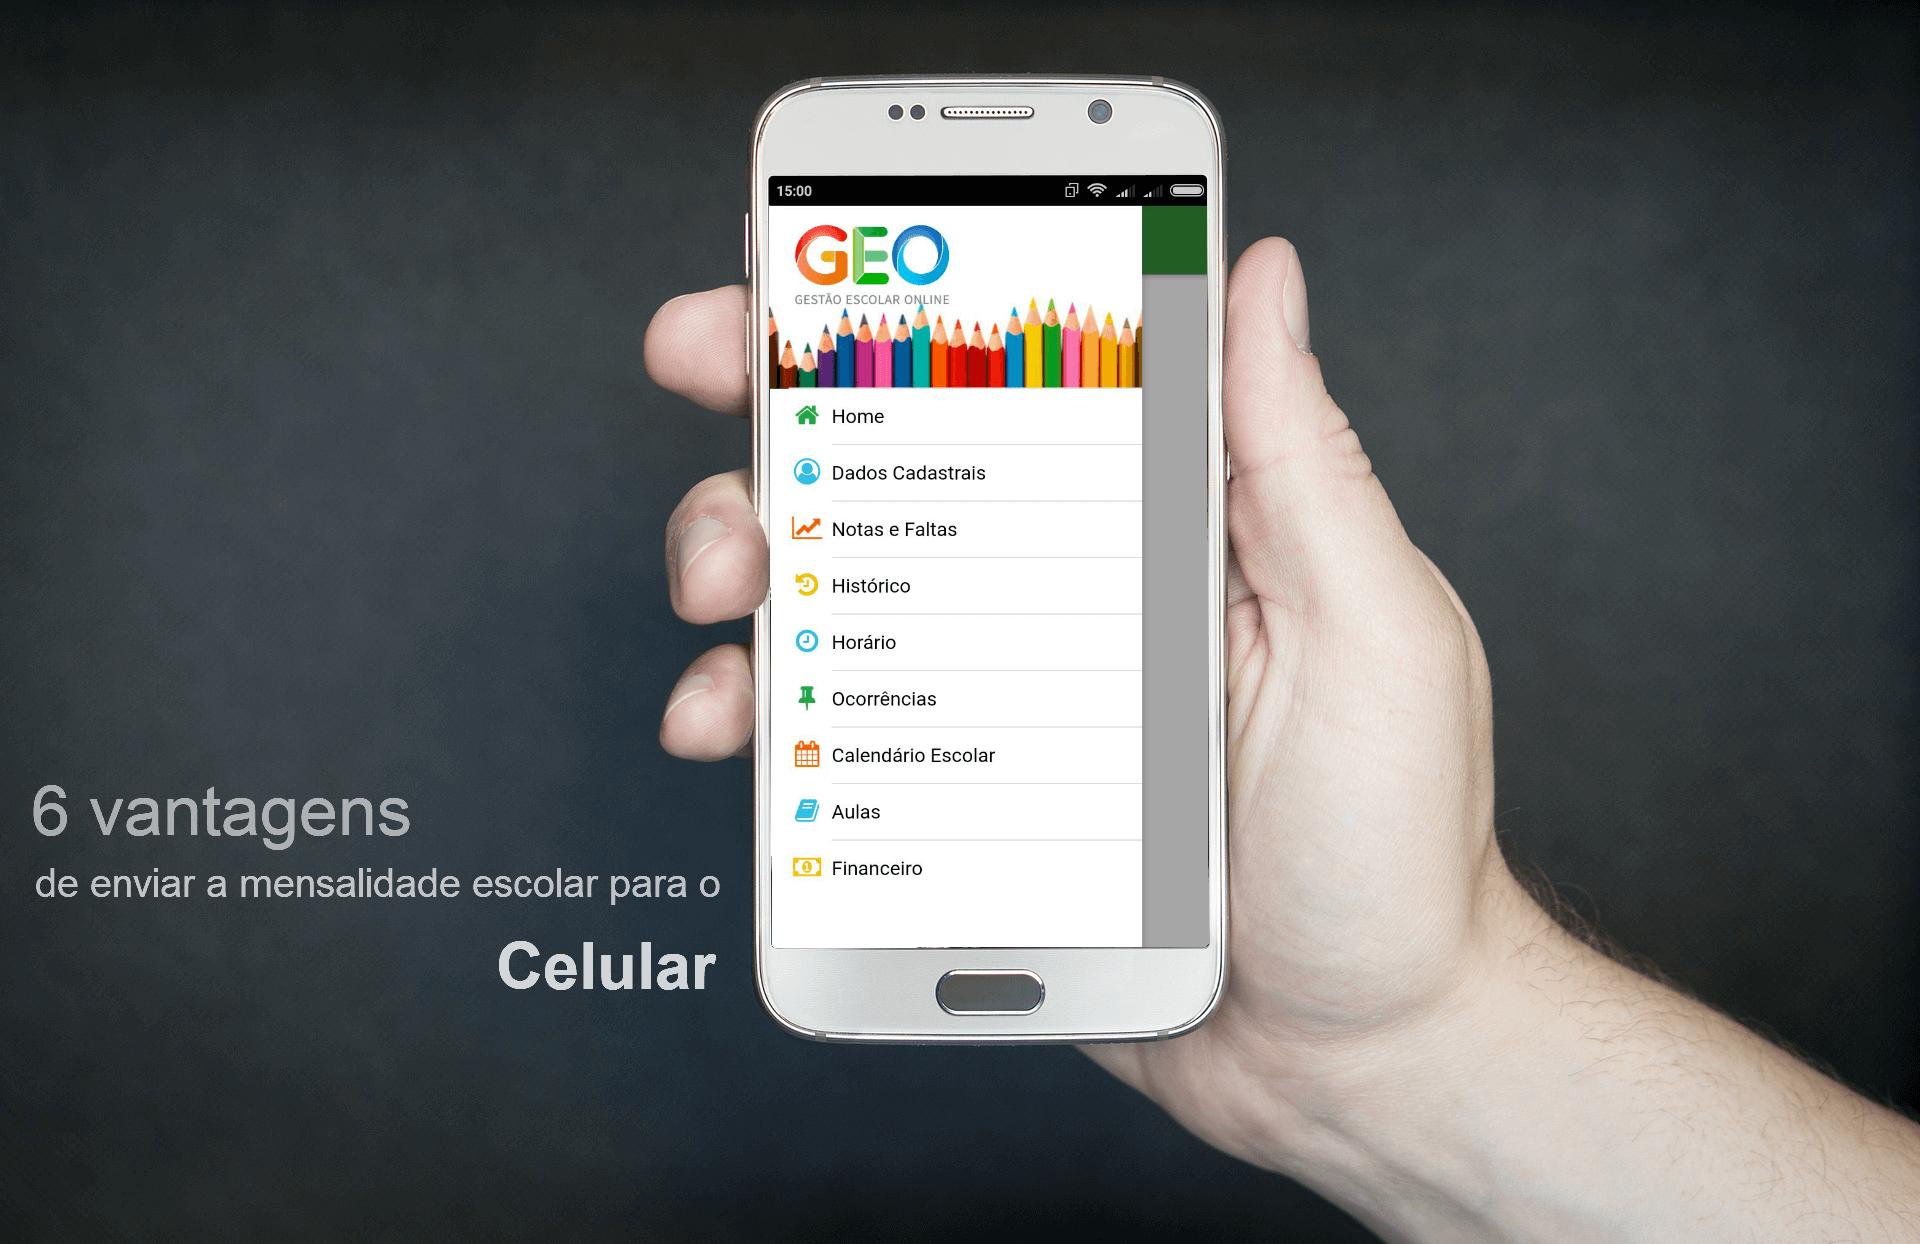 mensalidade escolar para o celular